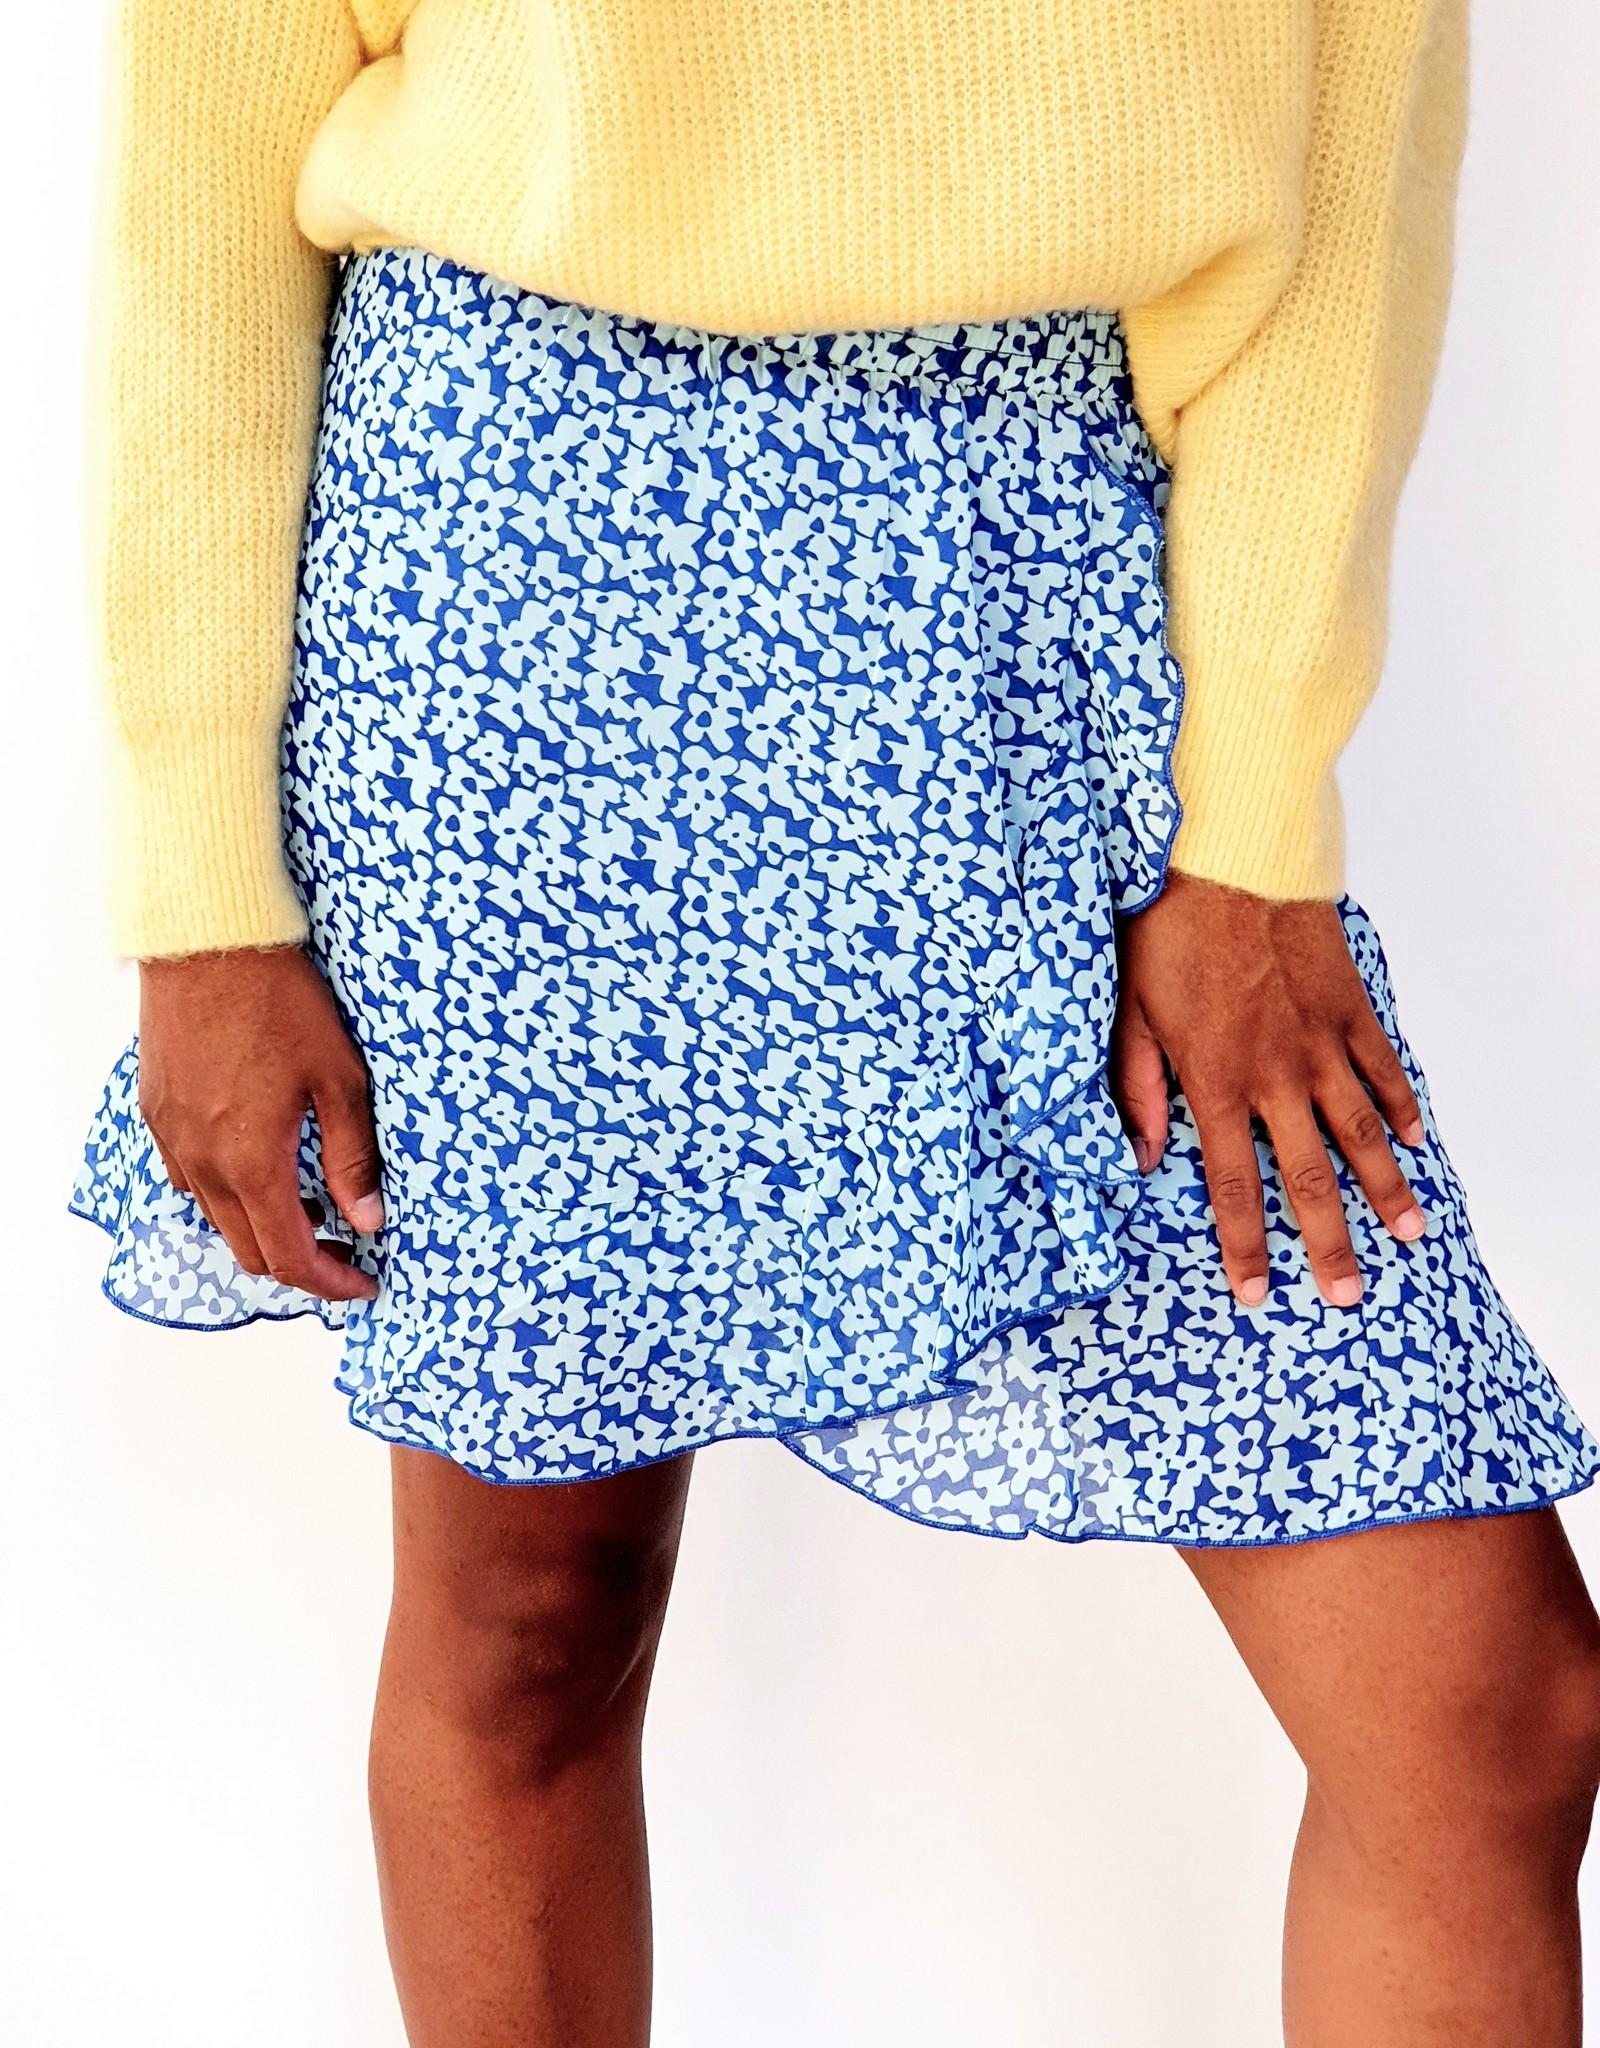 Thé blue summer skirt